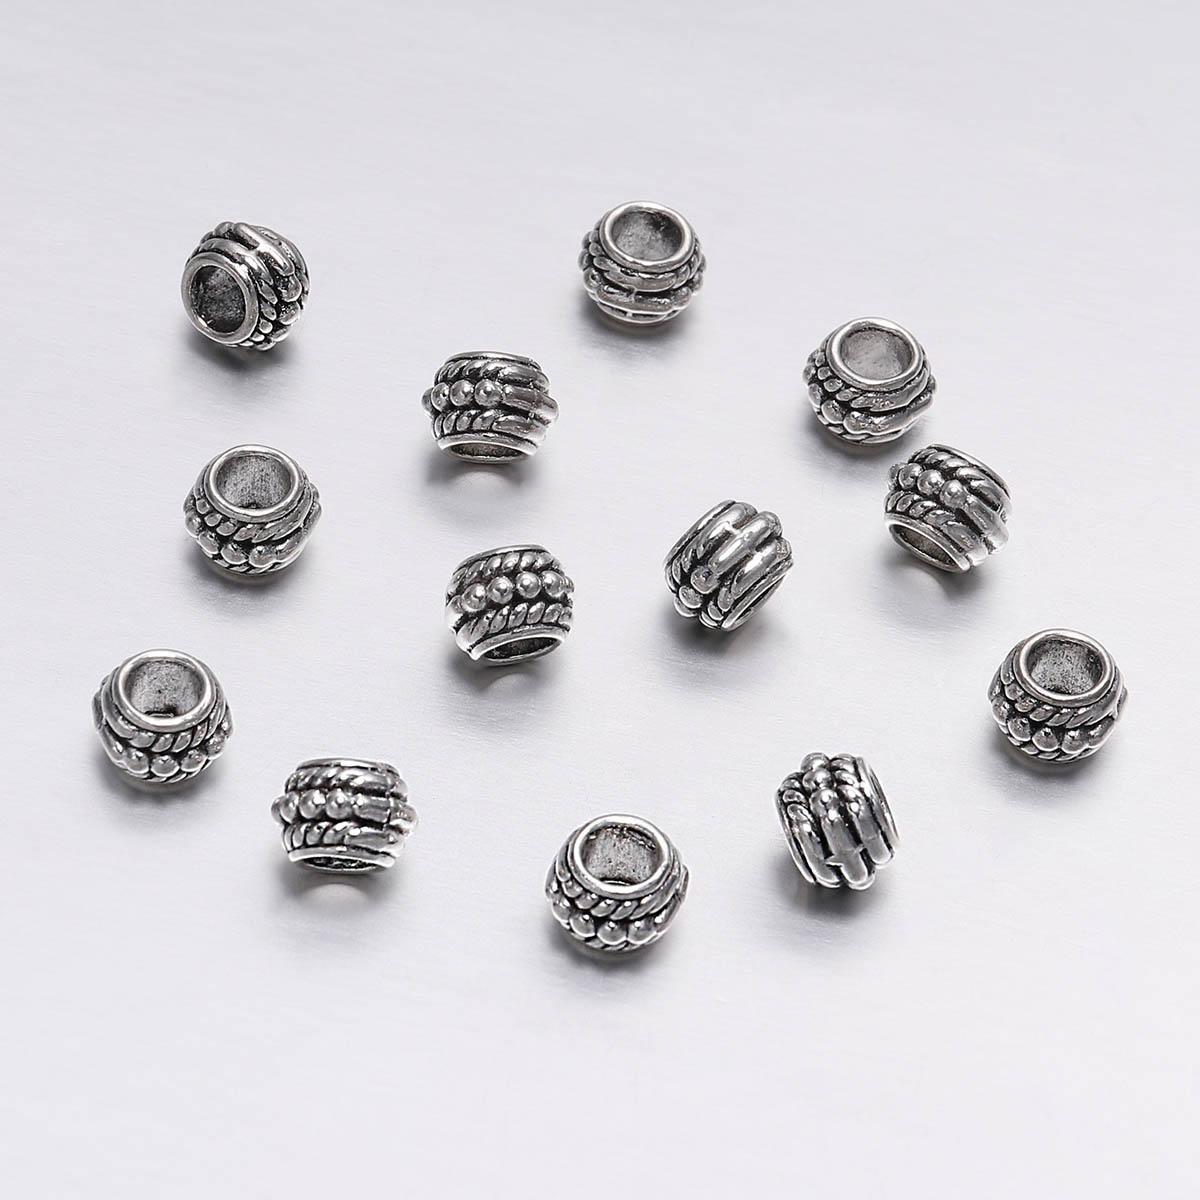 200pcs / lot 8 milímetros de prata antigo solto Spacer Bead Para fazer jóias pulseira contas do vintage Achados Suprimentos Handmade